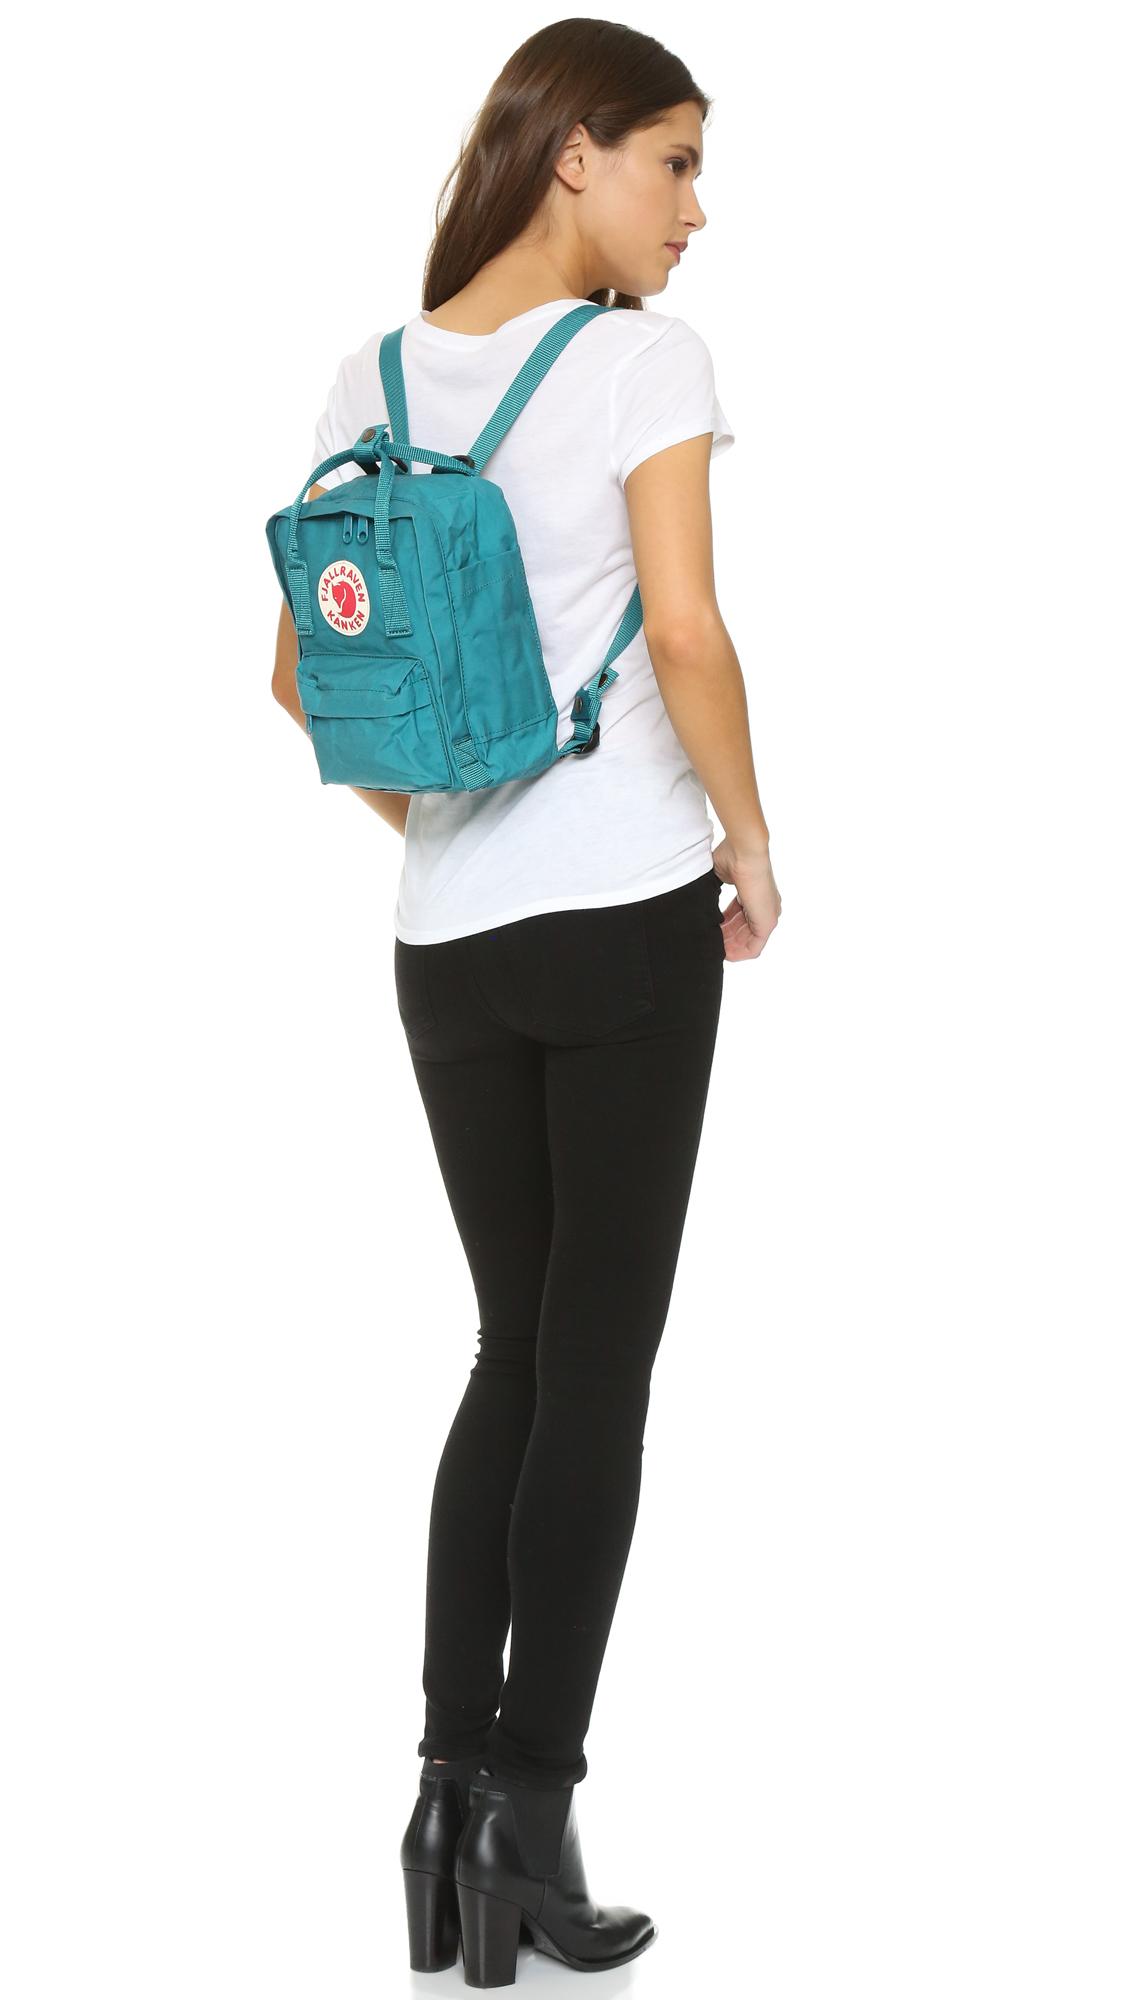 fjallraven kanken small backpack